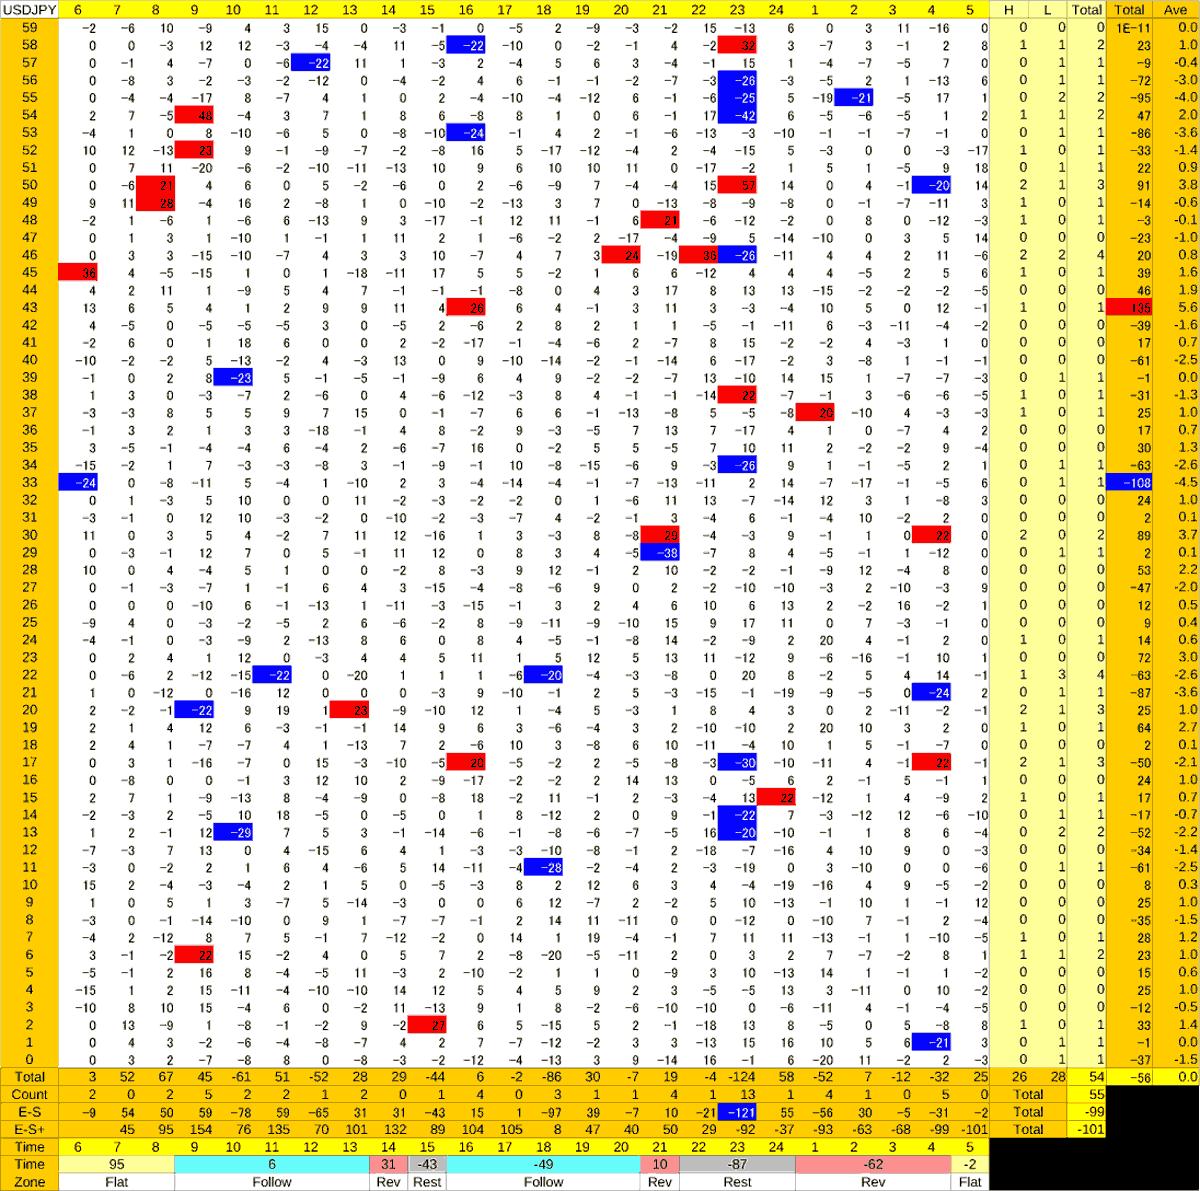 20200528_HS(1)USDJPY